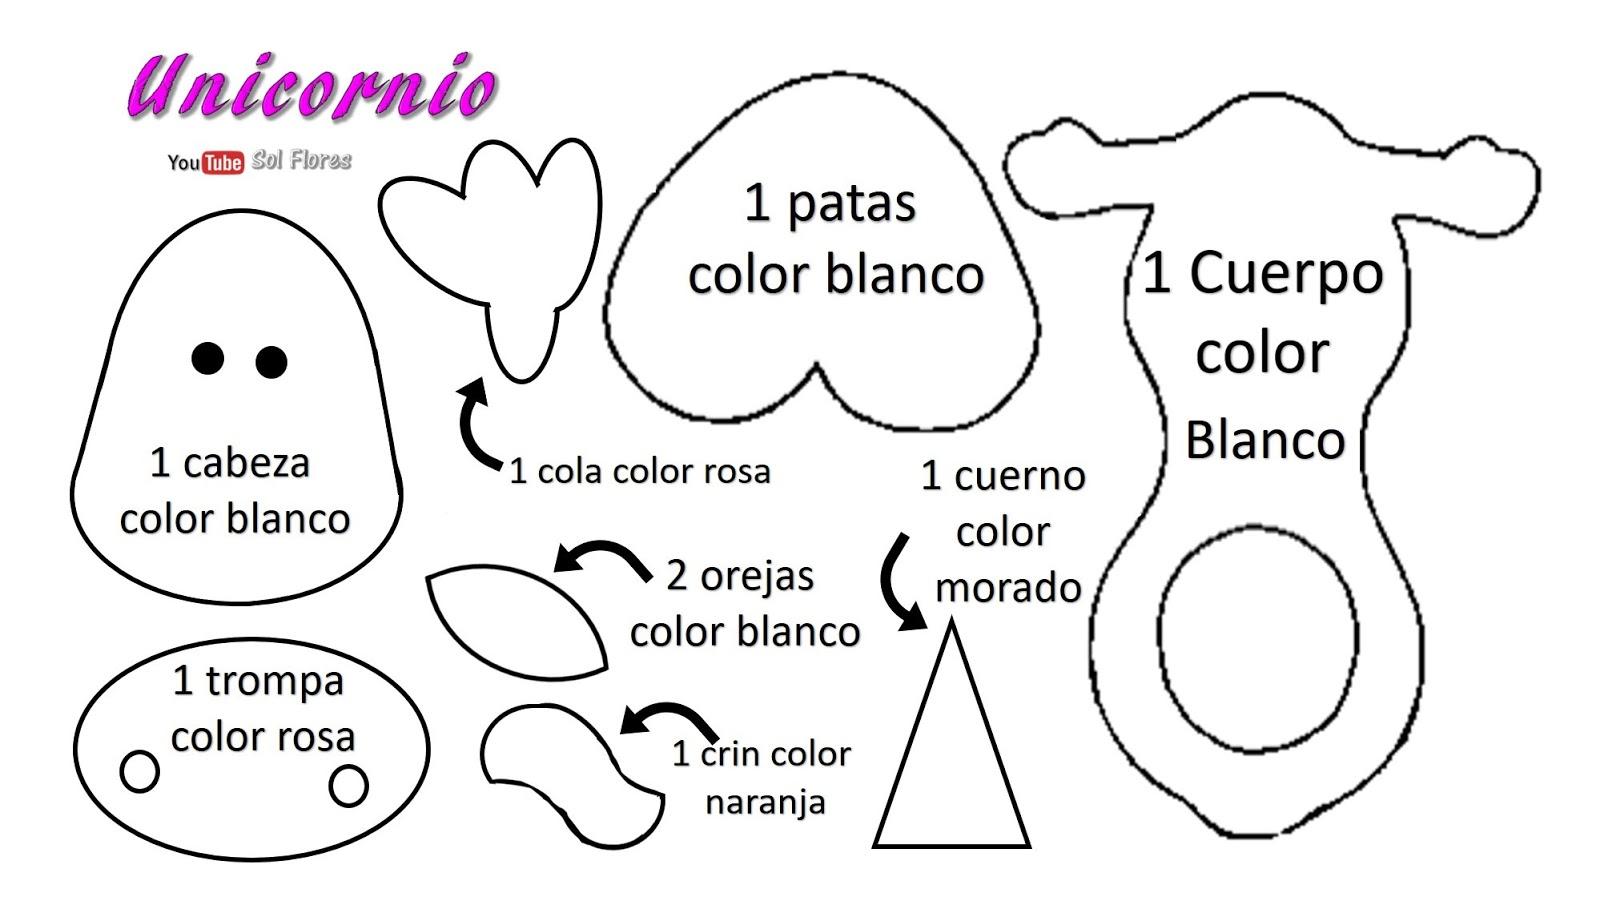 Molde Para Imprimir De Laco Lonita De Cilicone: DIY Cómo Hacer Dulceros De Goma Eva Para Regalar En San